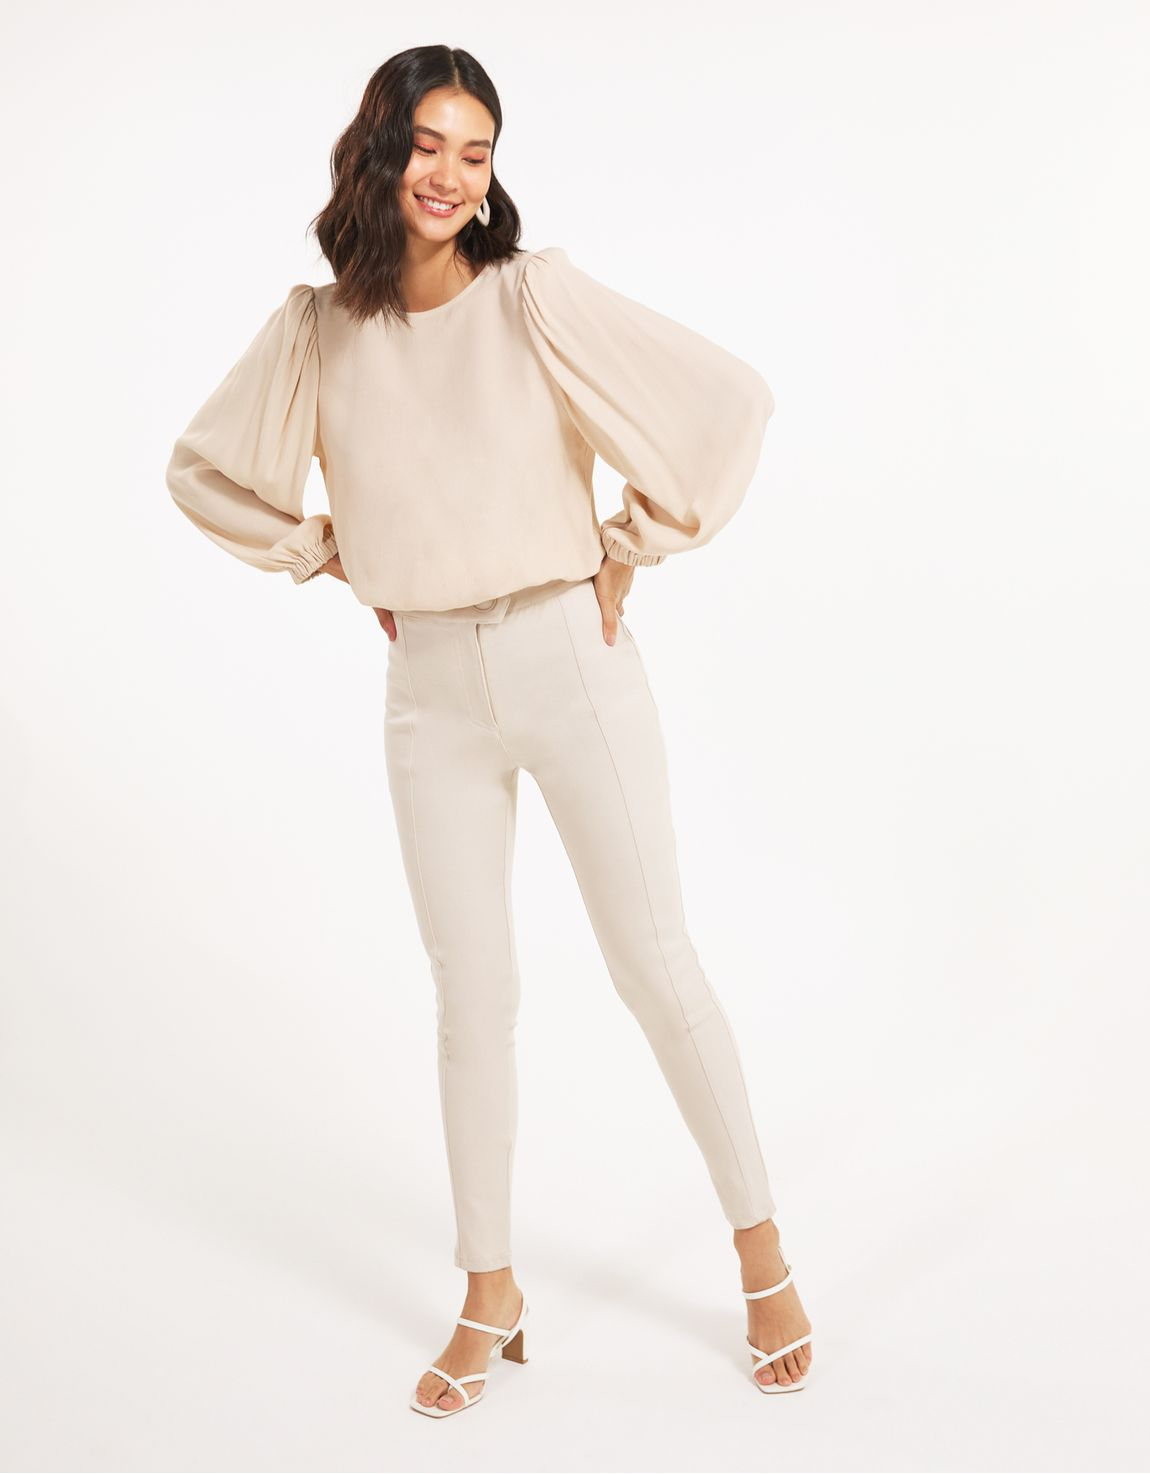 Blusa manga longa com elastico